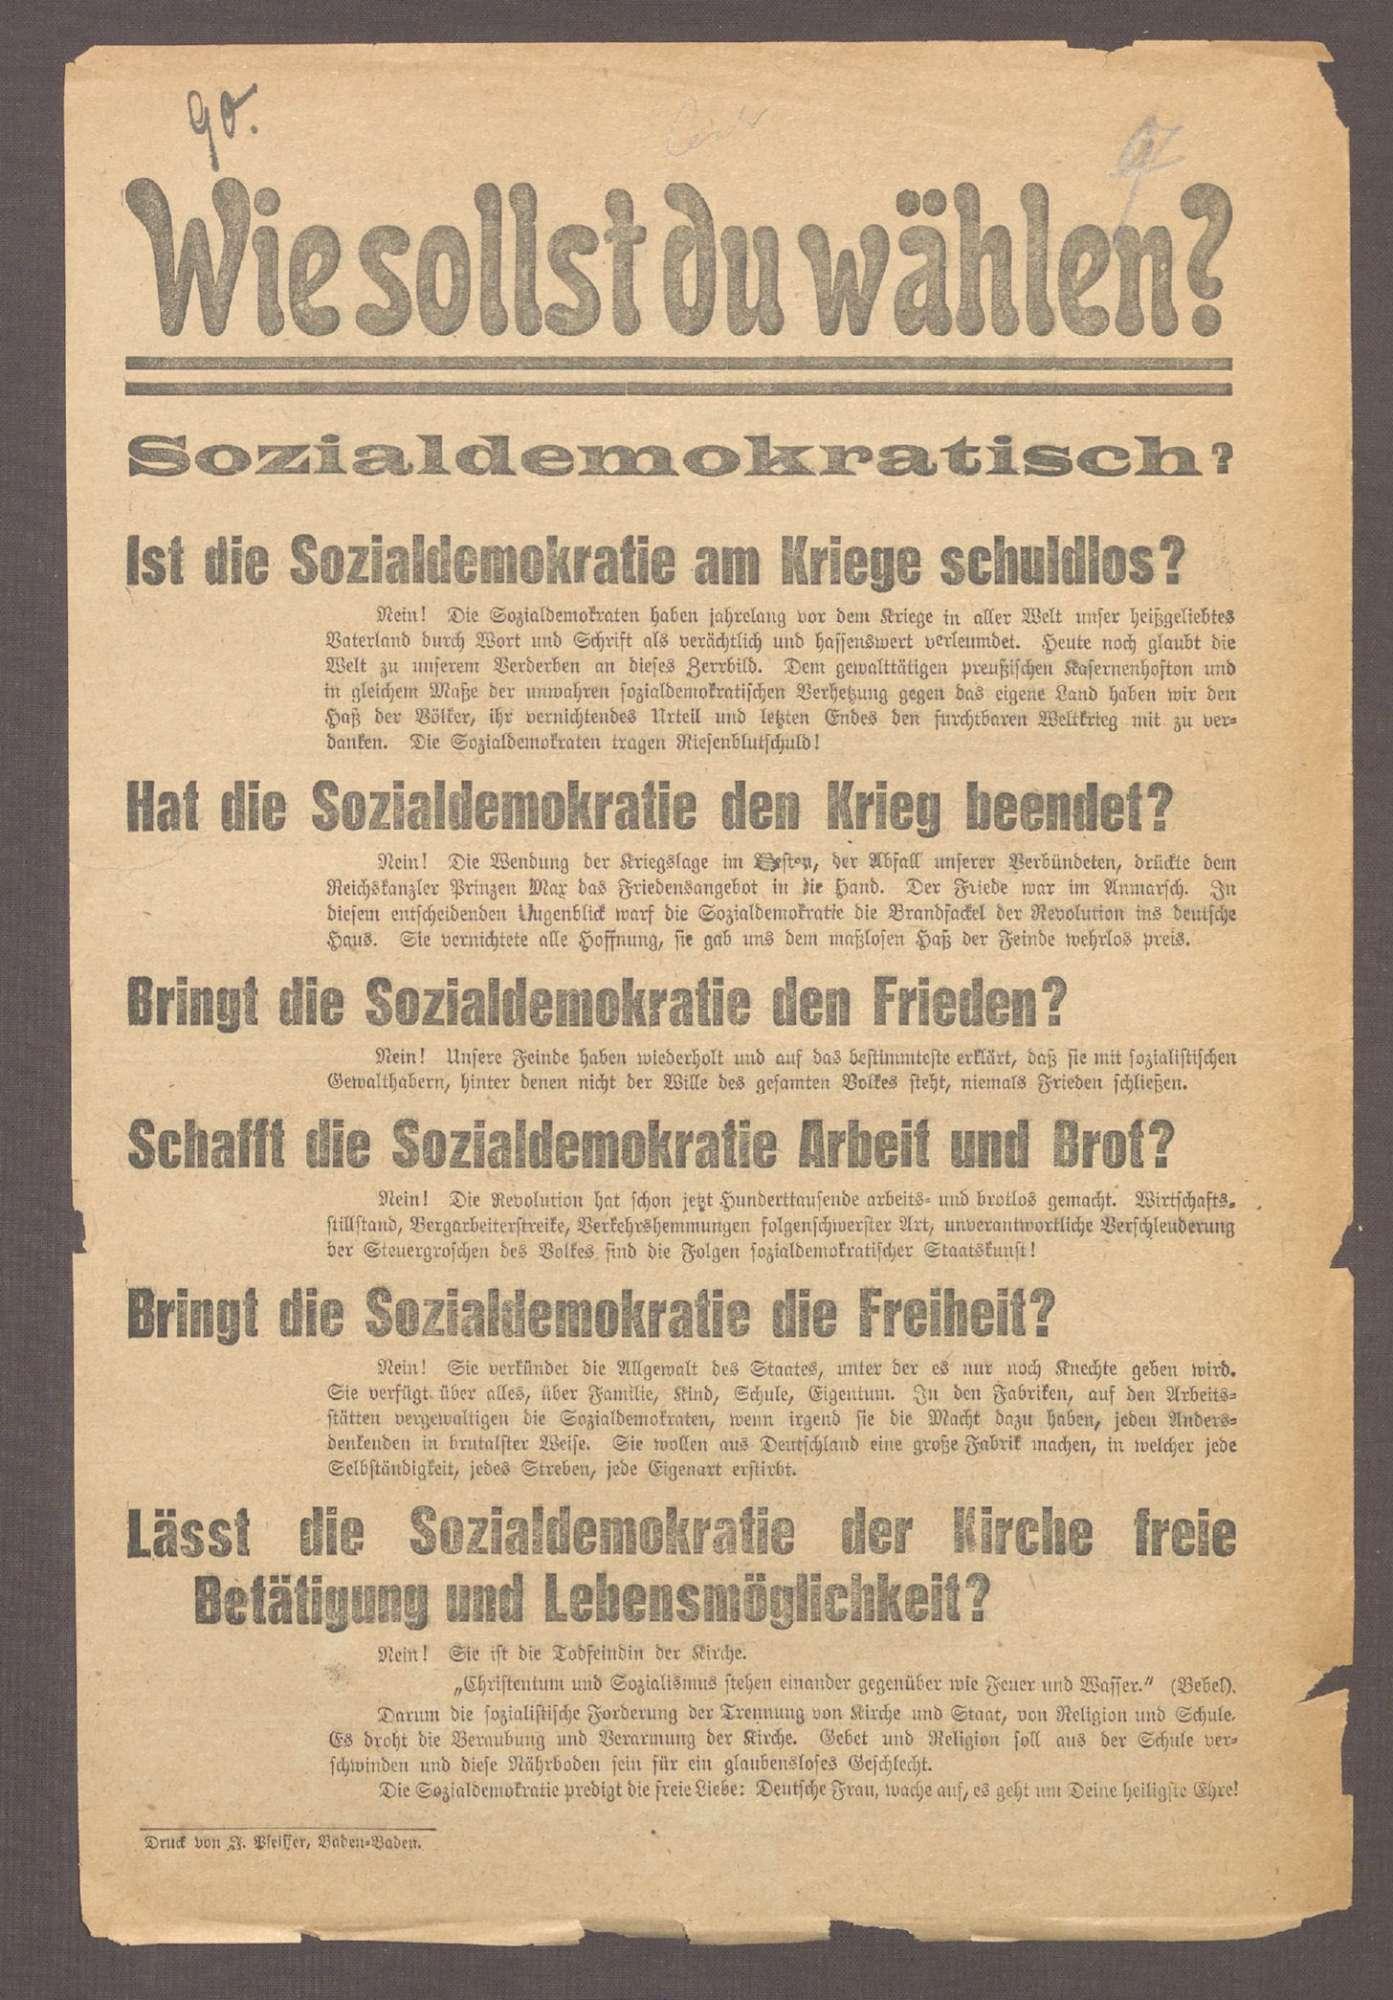 """""""Wähler und Wählerinnen! [...] wählt niemals sozialdemokratisch, dagegen Zentrum!"""", Bild 1"""